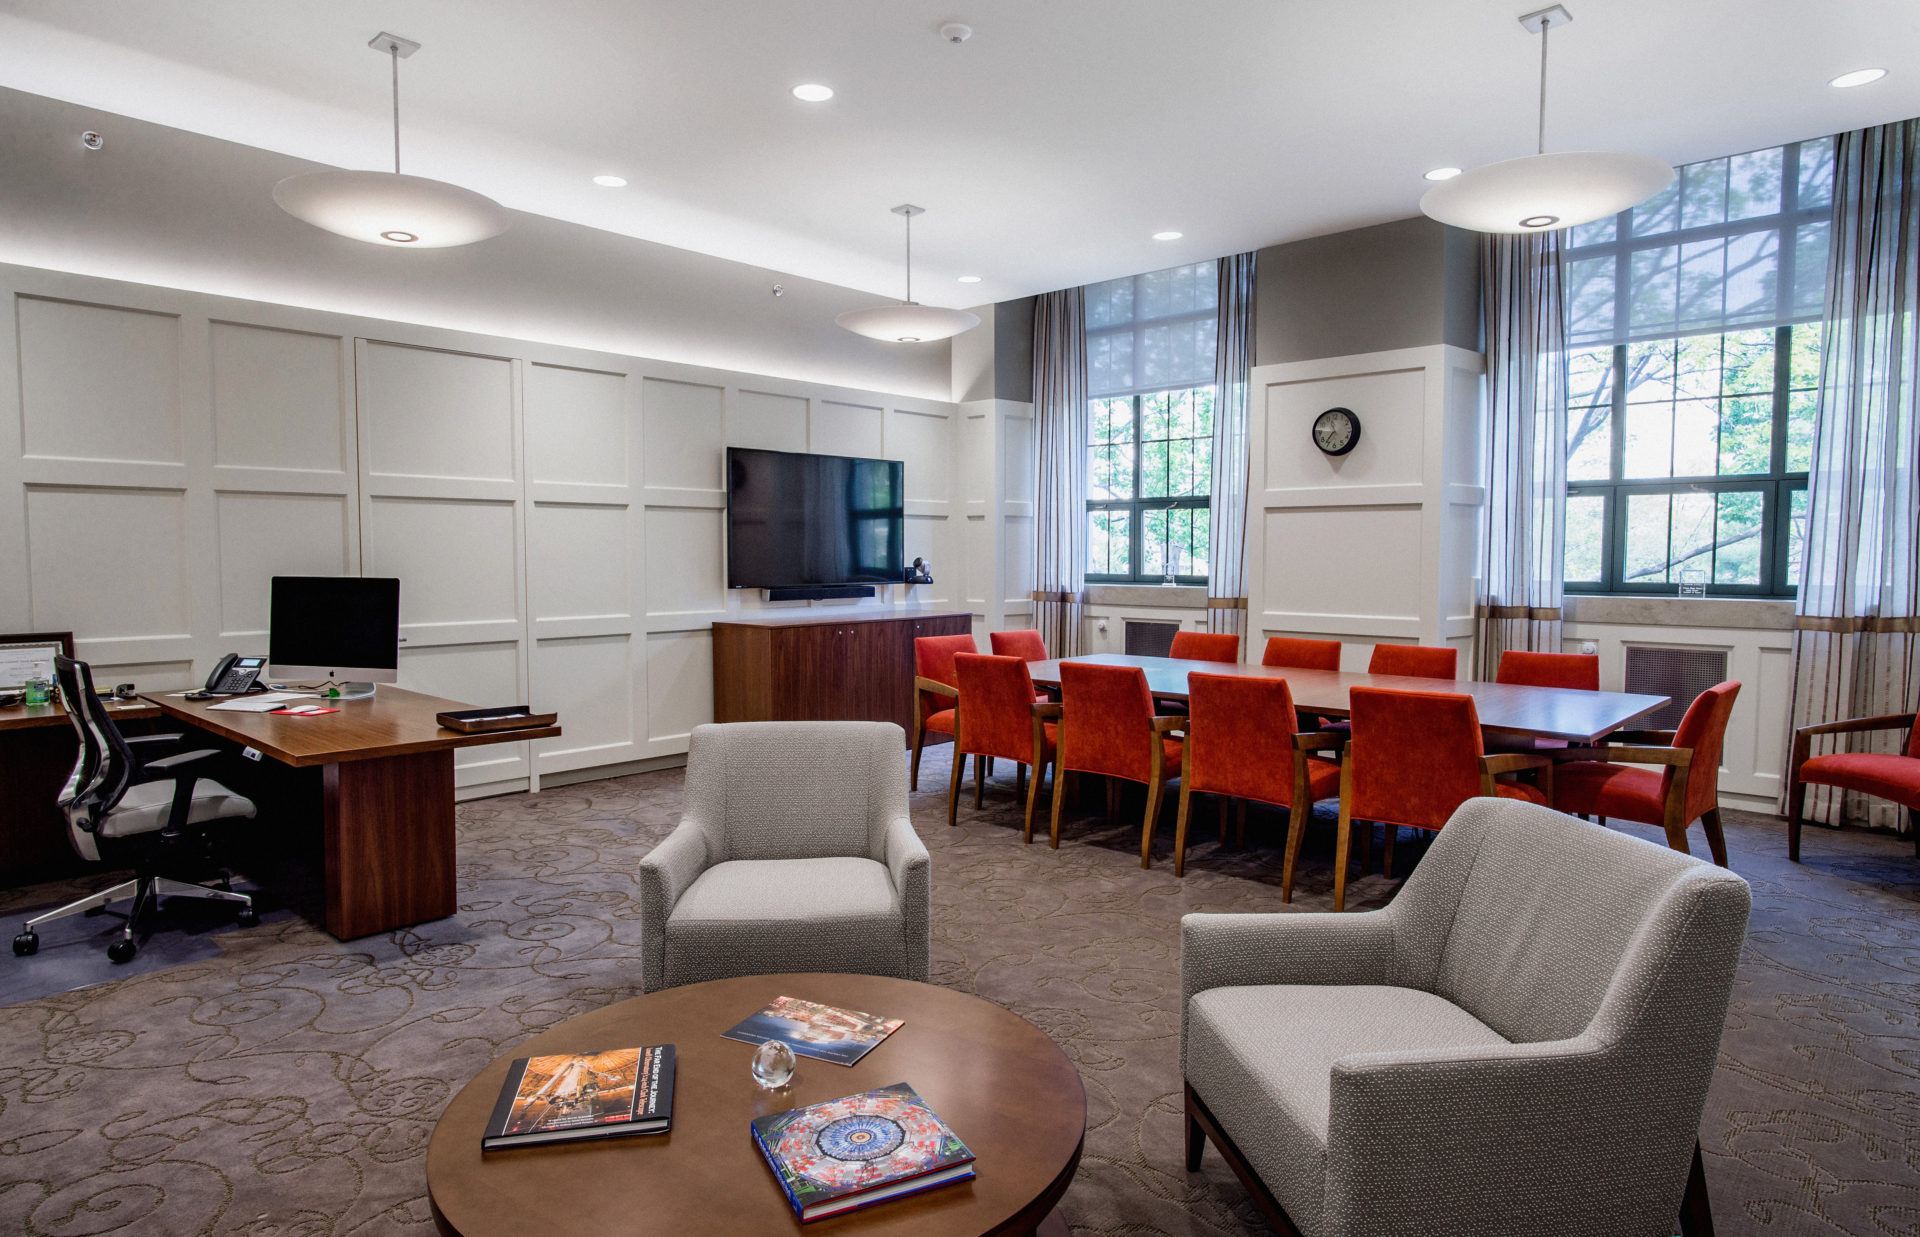 Boston University Deans Suite Chapman Construction